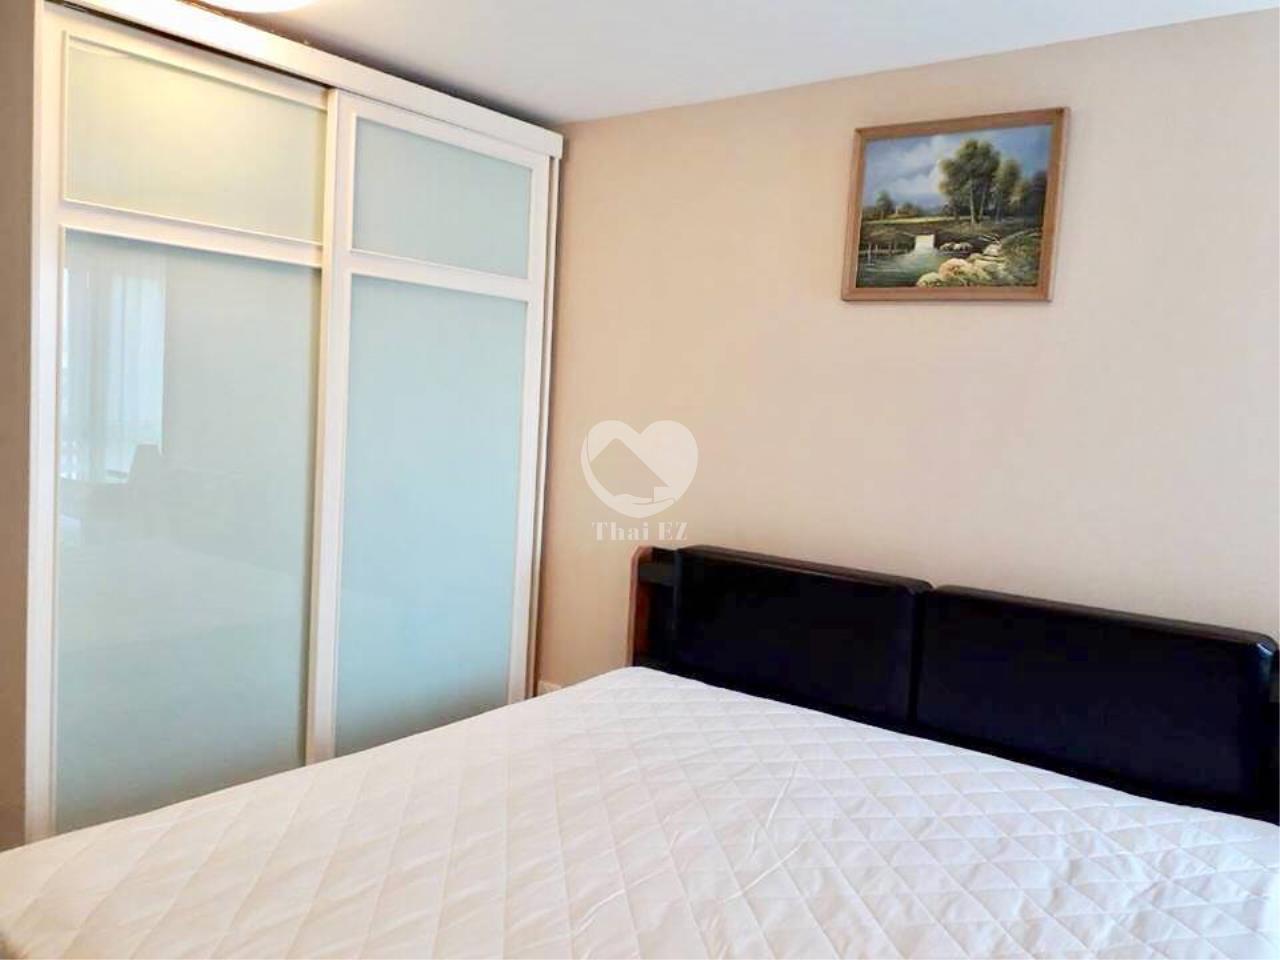 Thai EZ Agency's Room for Rent @ Belle Grand Rama 9 near MRT Rama 9 2